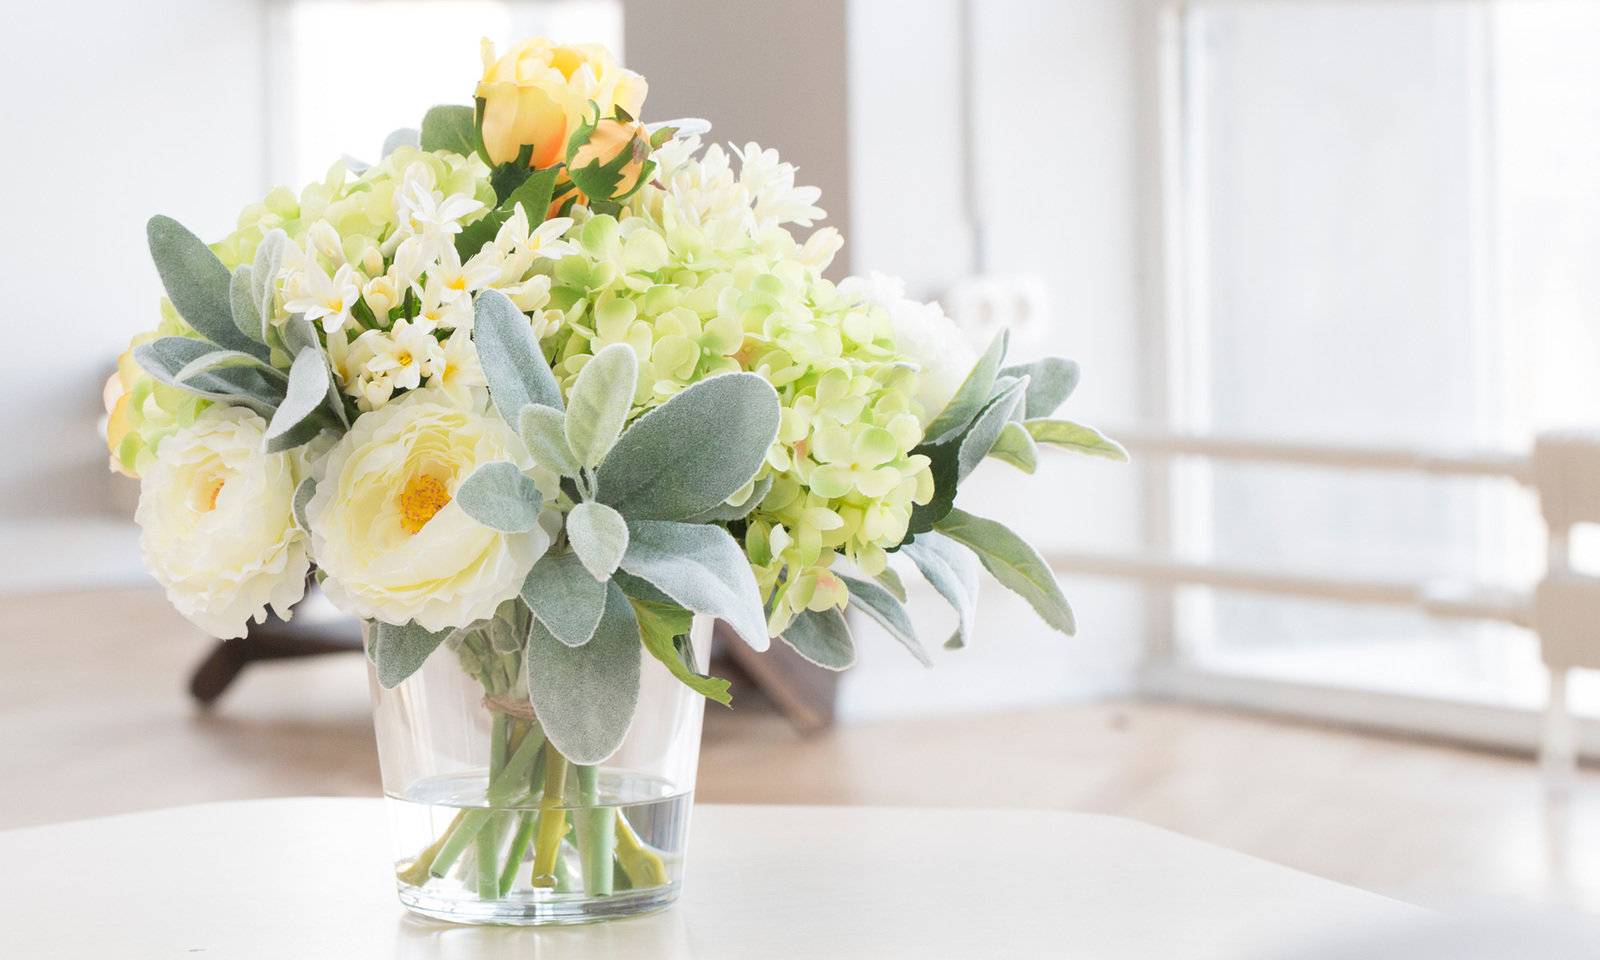 Купить Композиция из искусственных цветов - салатовая гортензия, ранункулюсы, агапантус, inmyroom, Россия